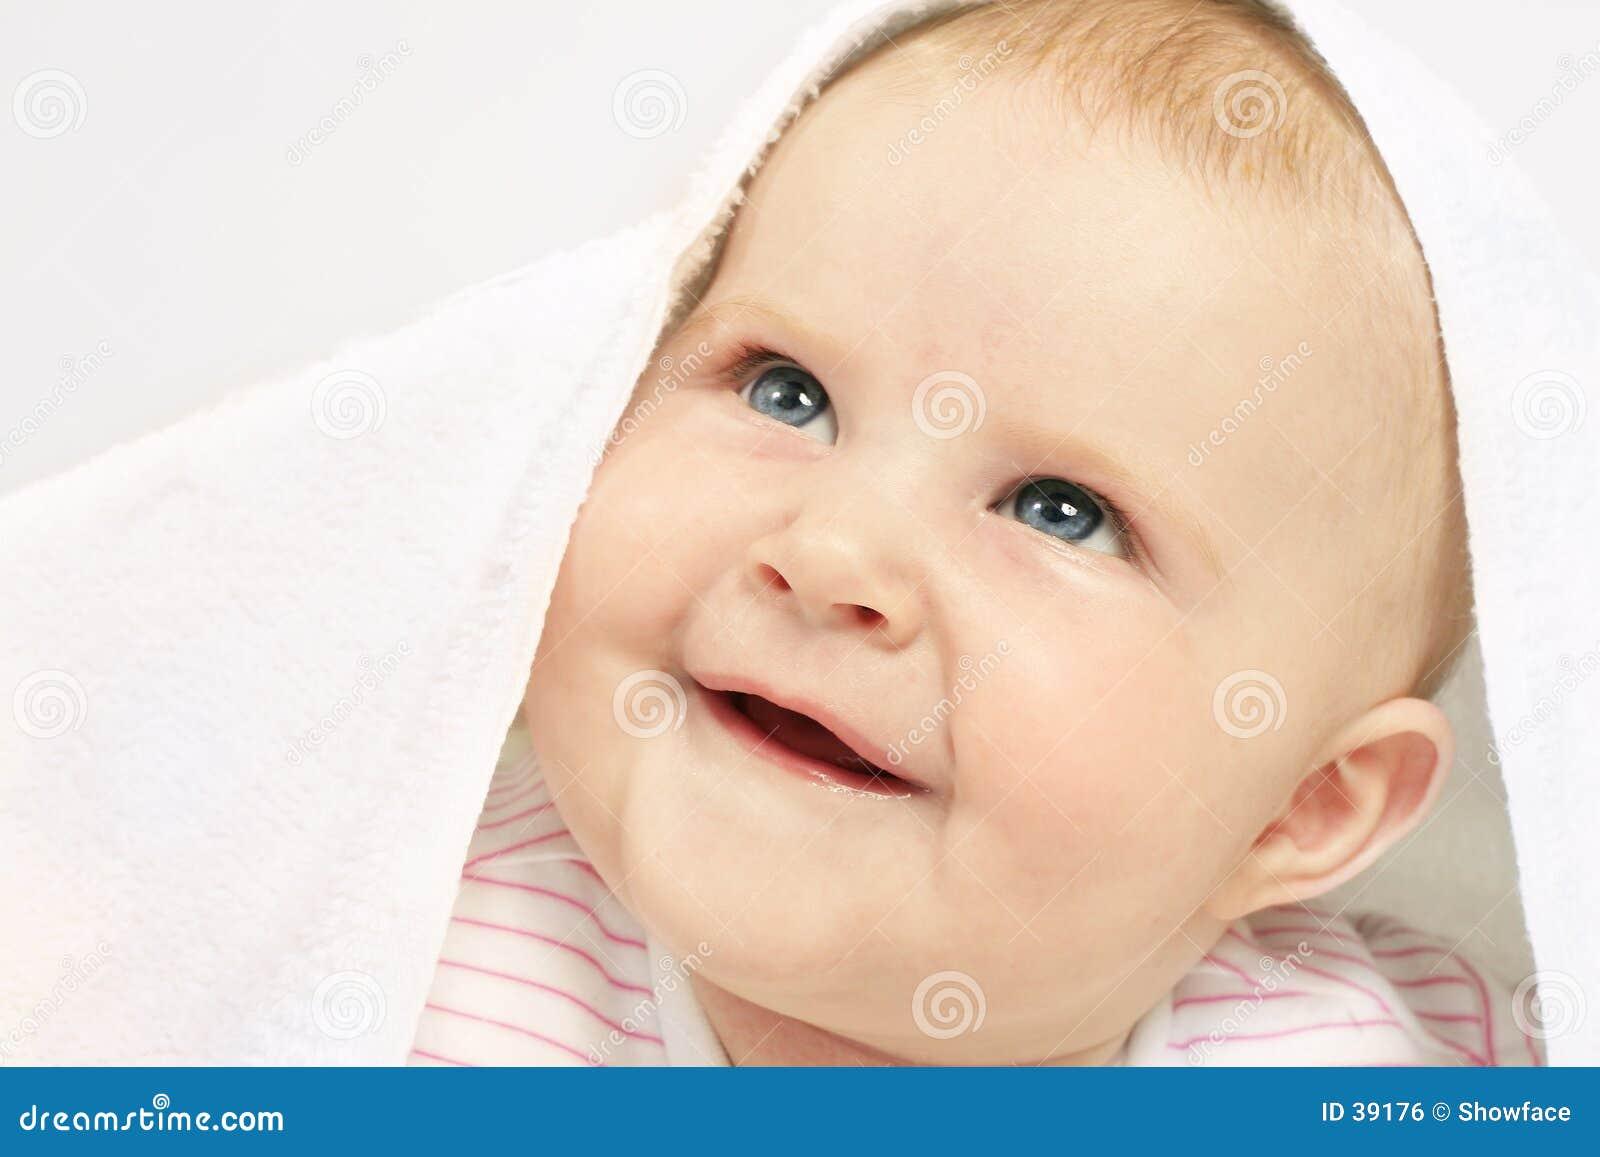 Dzieci mają niebieskie oczy s